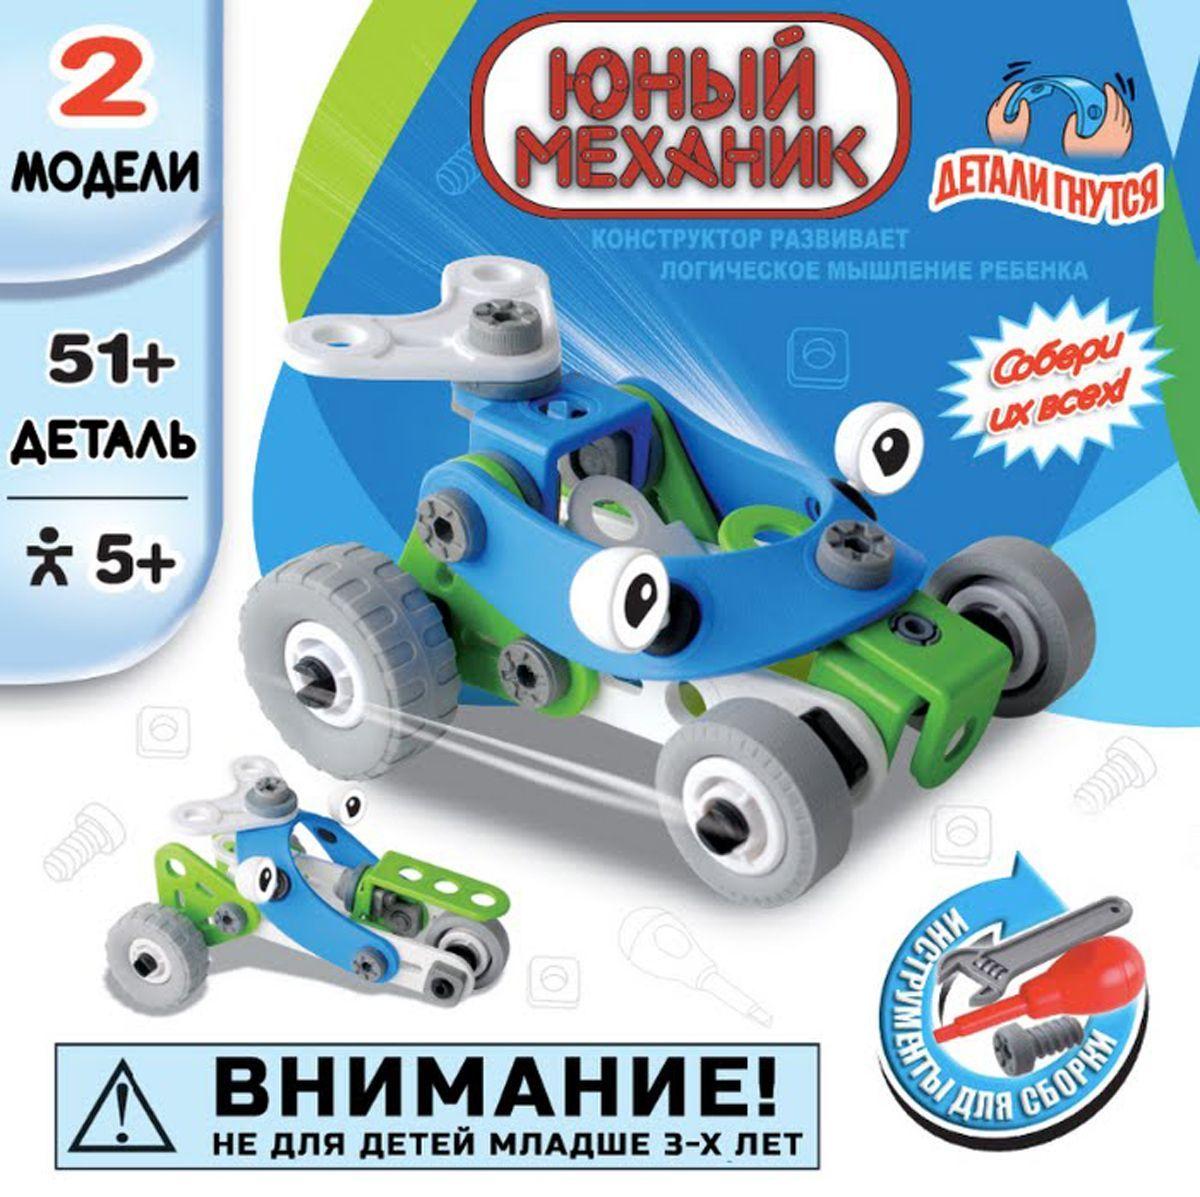 Склад уникальных товаров Конструктор Юный Механик 2в1 цвет синий